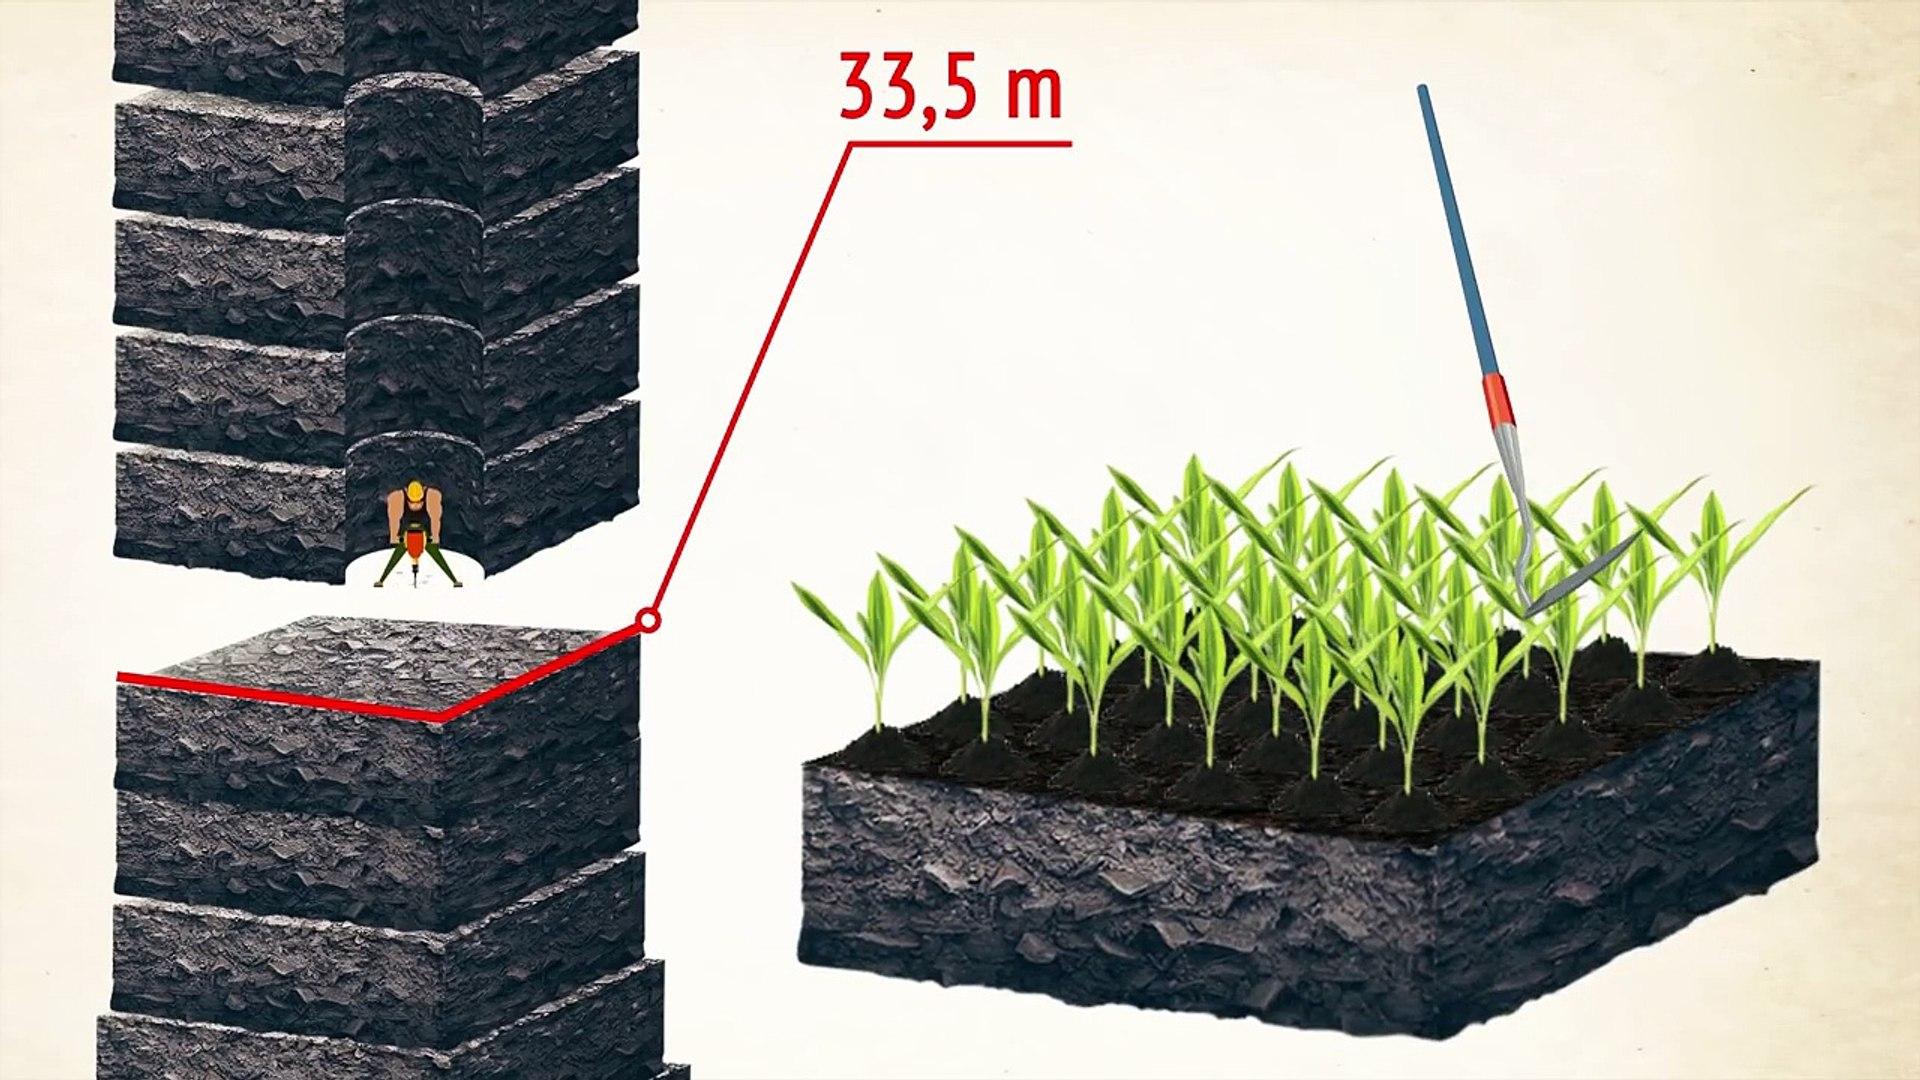 Was ist das tiefste Loch, das man graben kann?